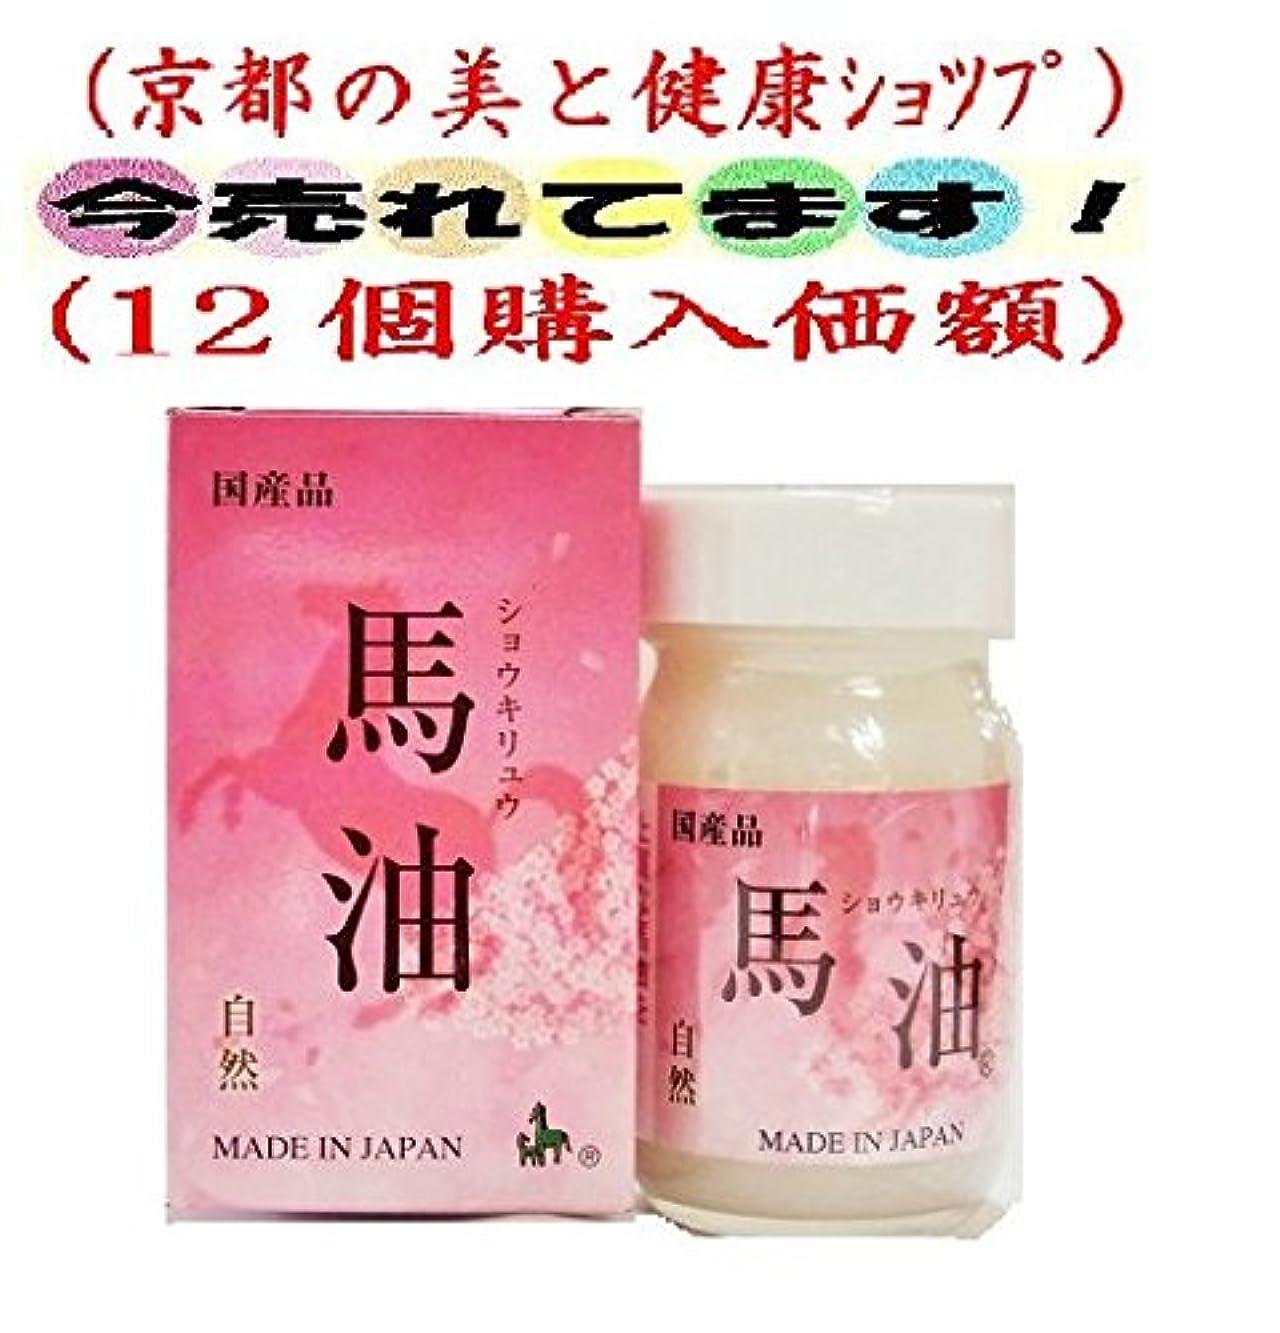 失敗鉄道午後ショウキリュウ 馬油 自然 70ml (桜 ピンク化粧箱 12個購入価額)